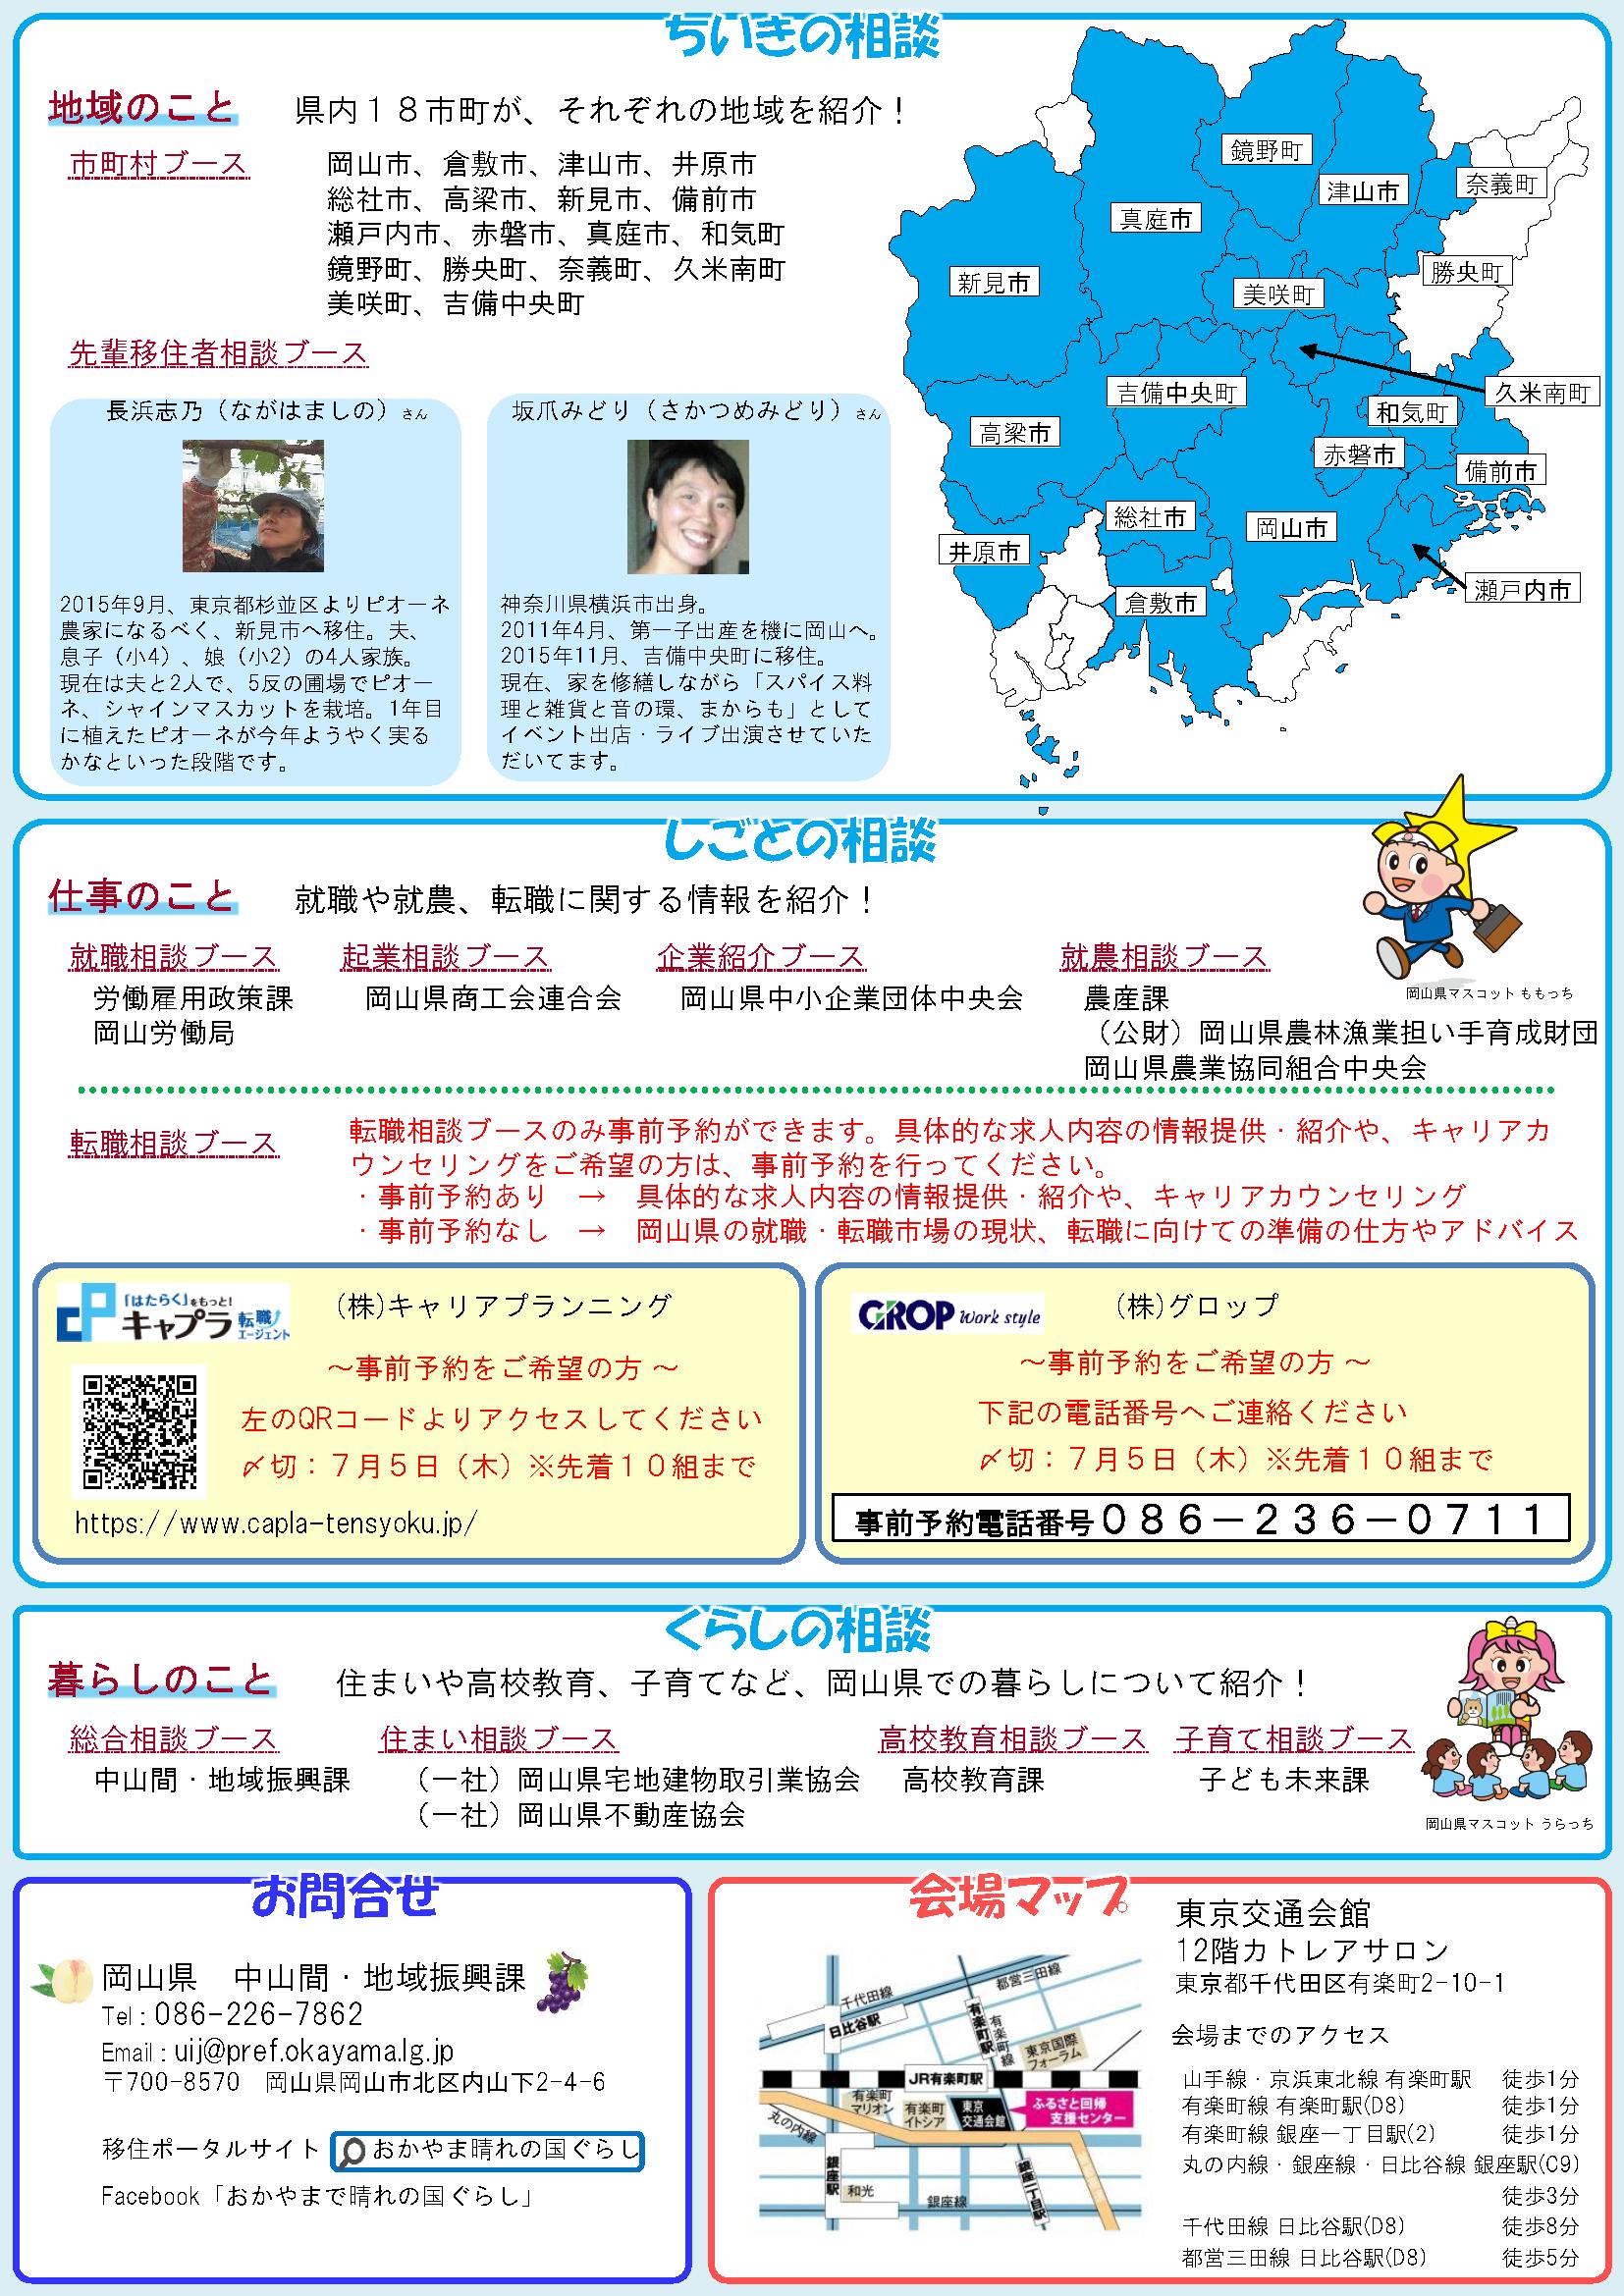 【7/7(土)東京開催】晴れの国おかやま 移住・定住フェア